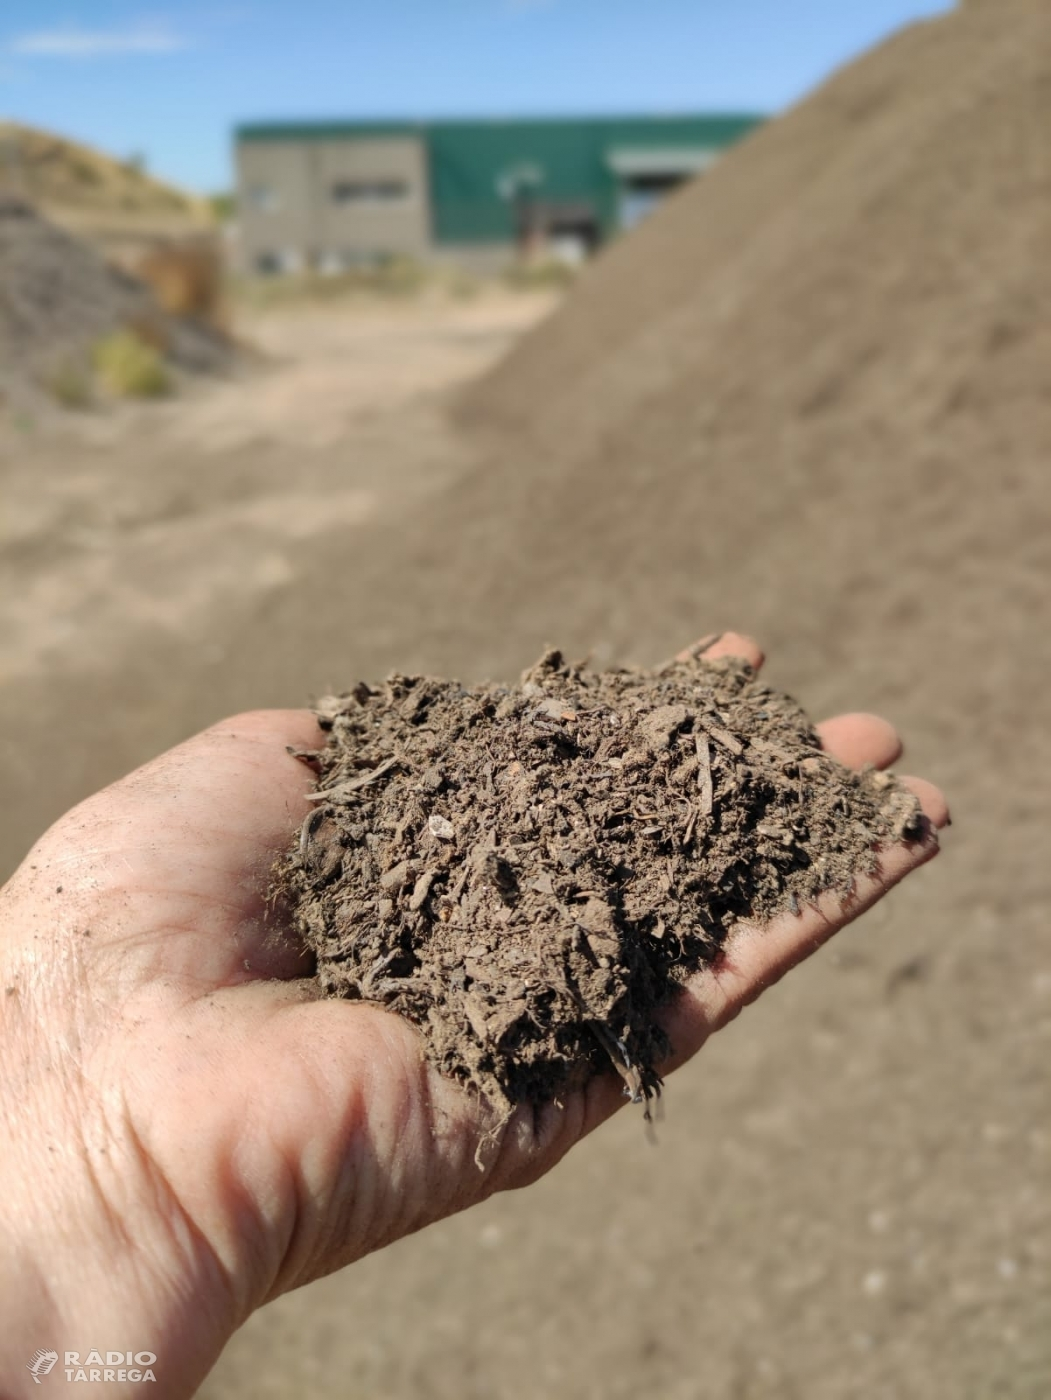 La planta de compostatge de l'Urgell va vendre més de 3000 tones de compost durant el 2019